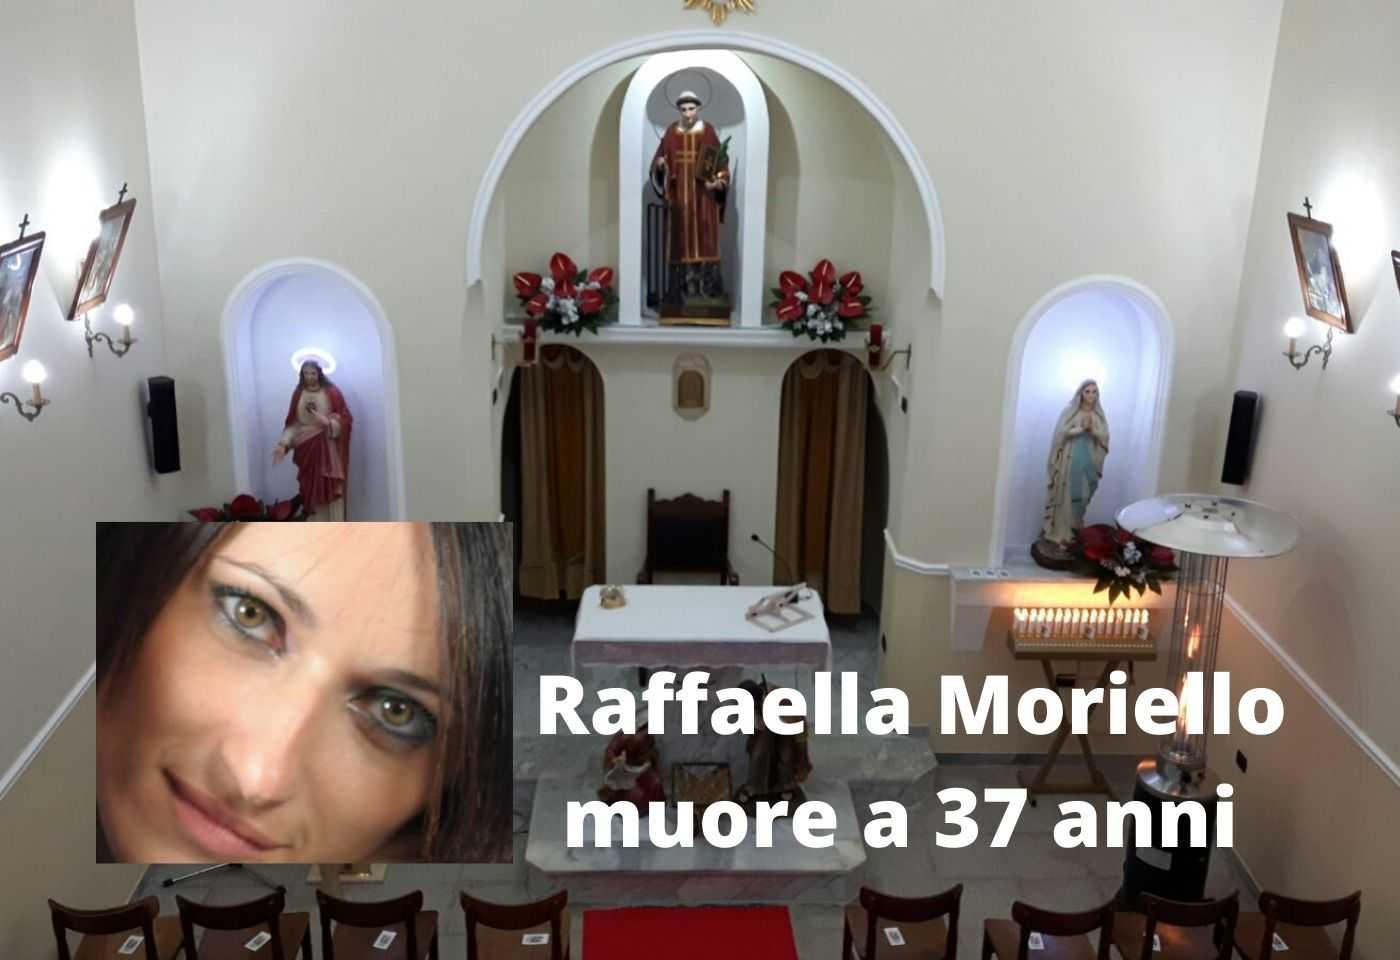 Raffaella Moriello muore a 37 anni